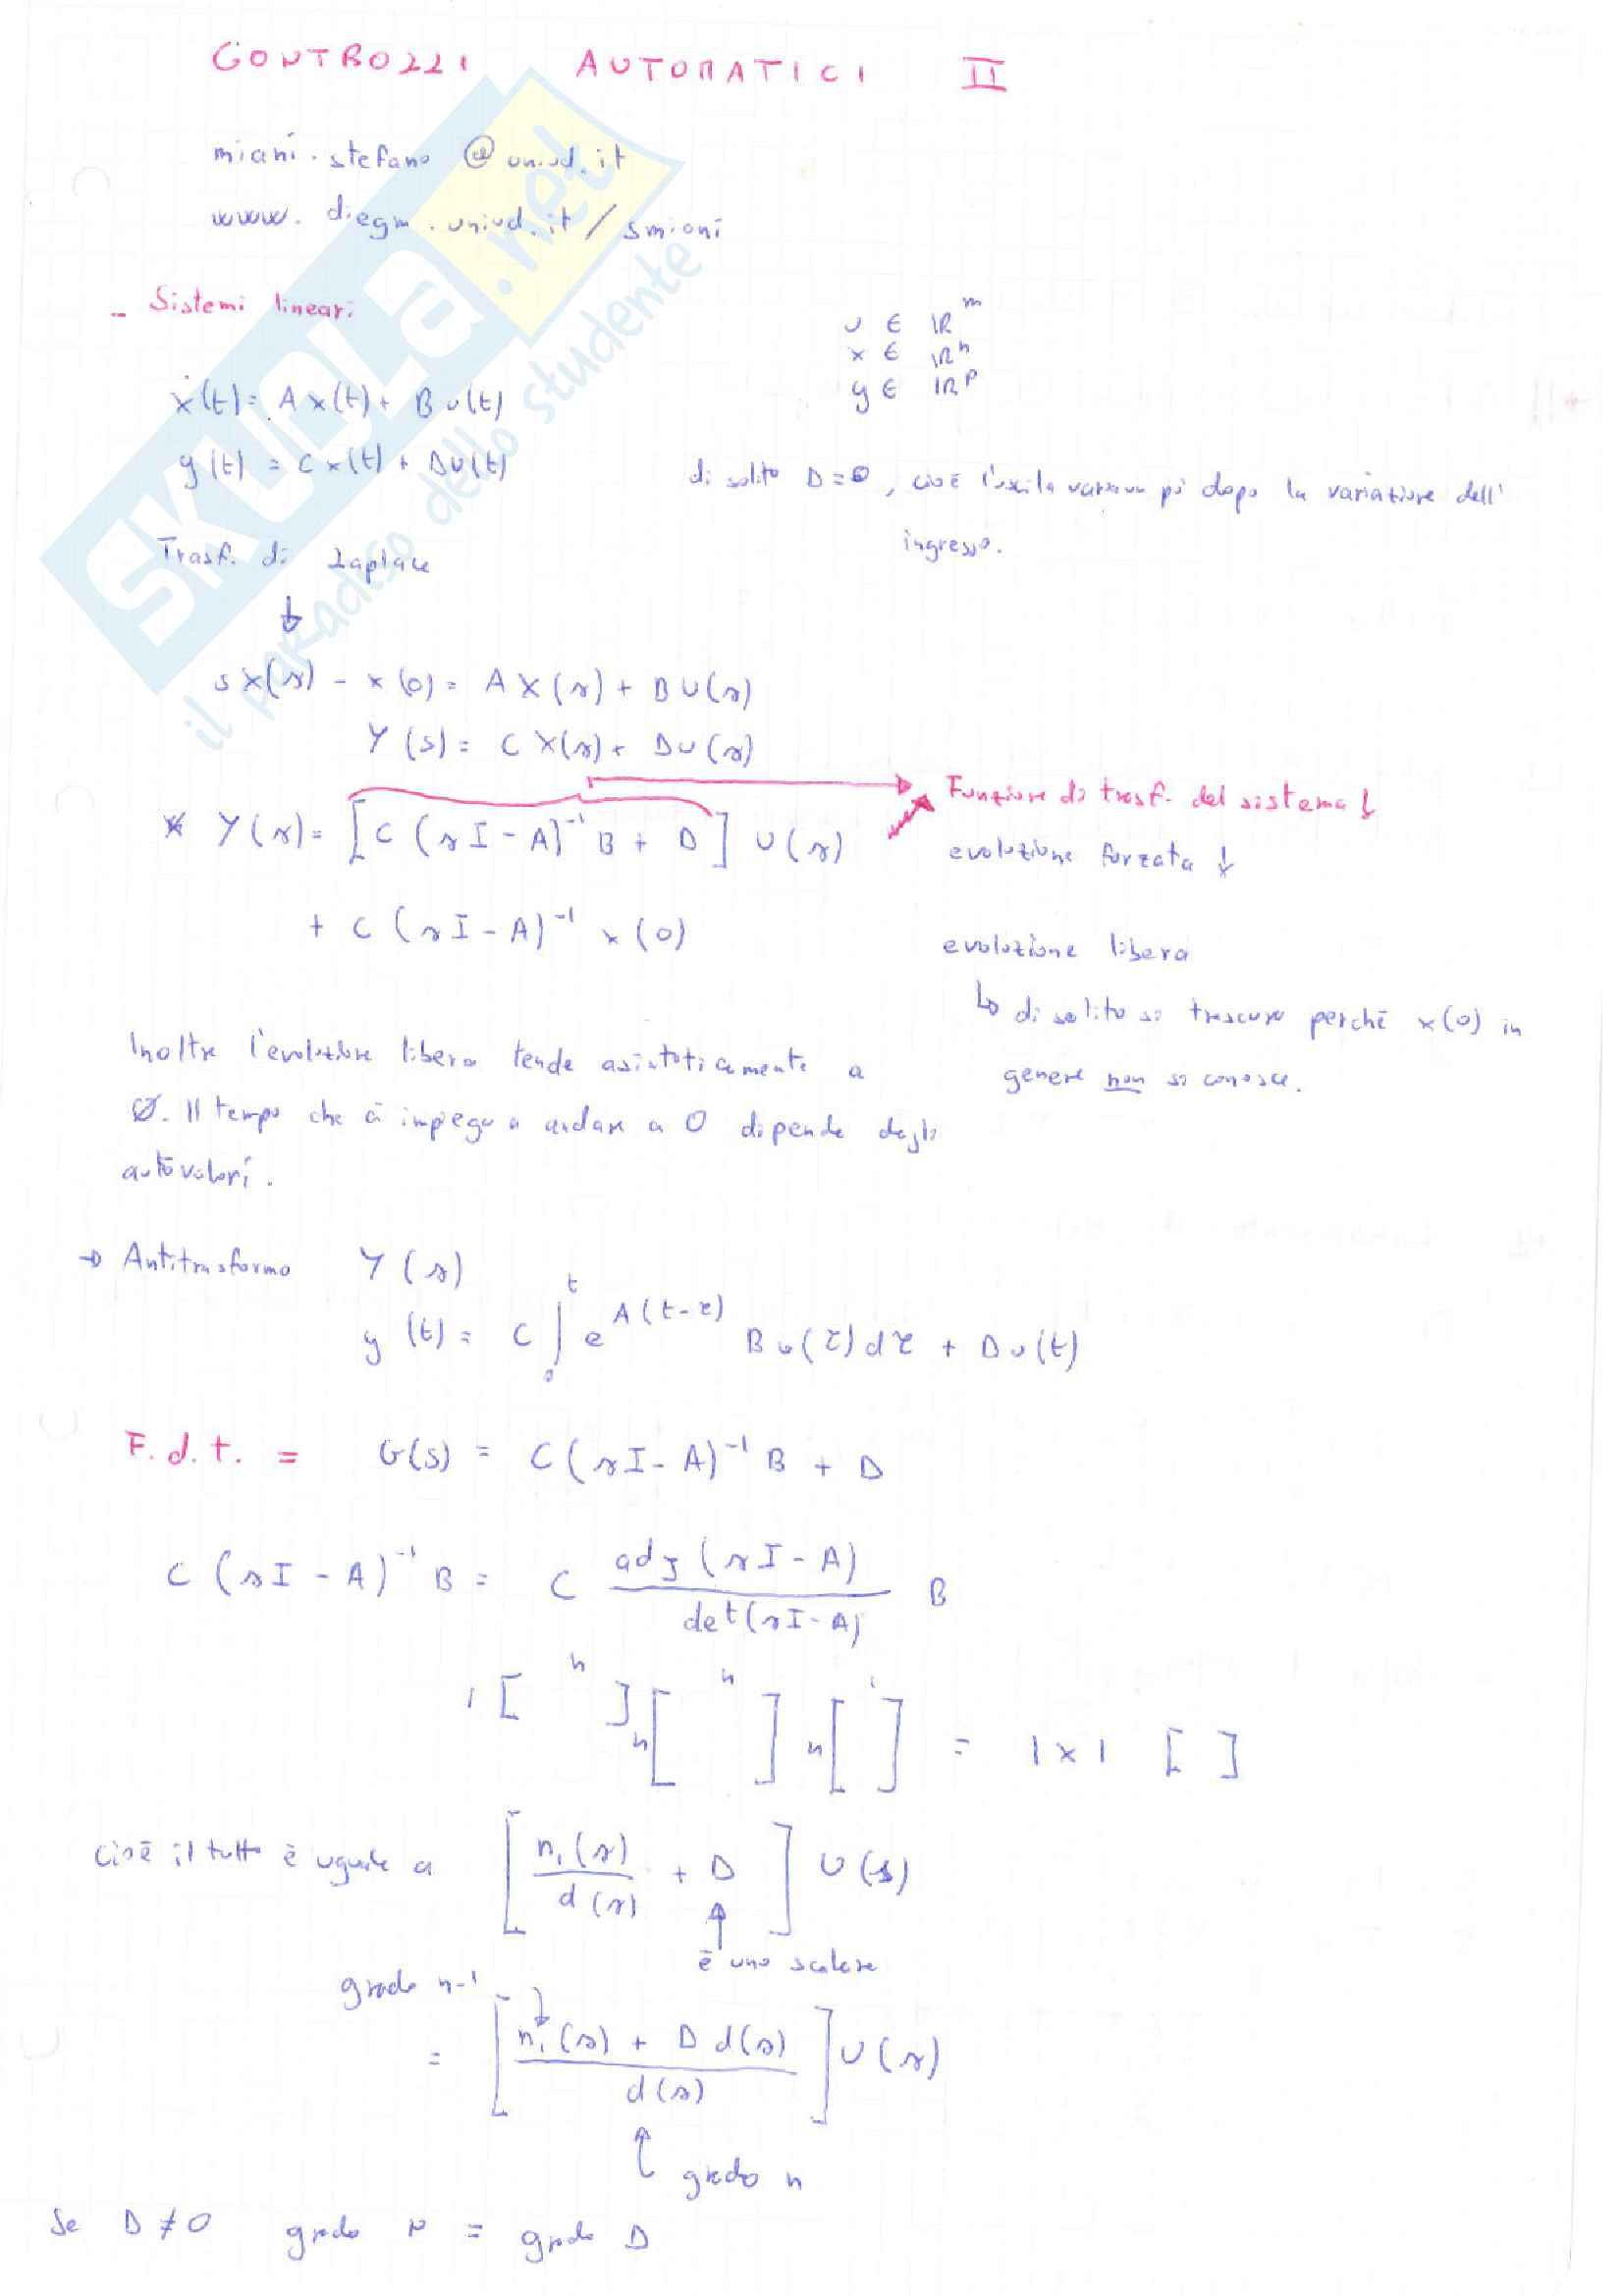 Controlli Automatici i e II - Appunti completi e esercizi Pag. 1